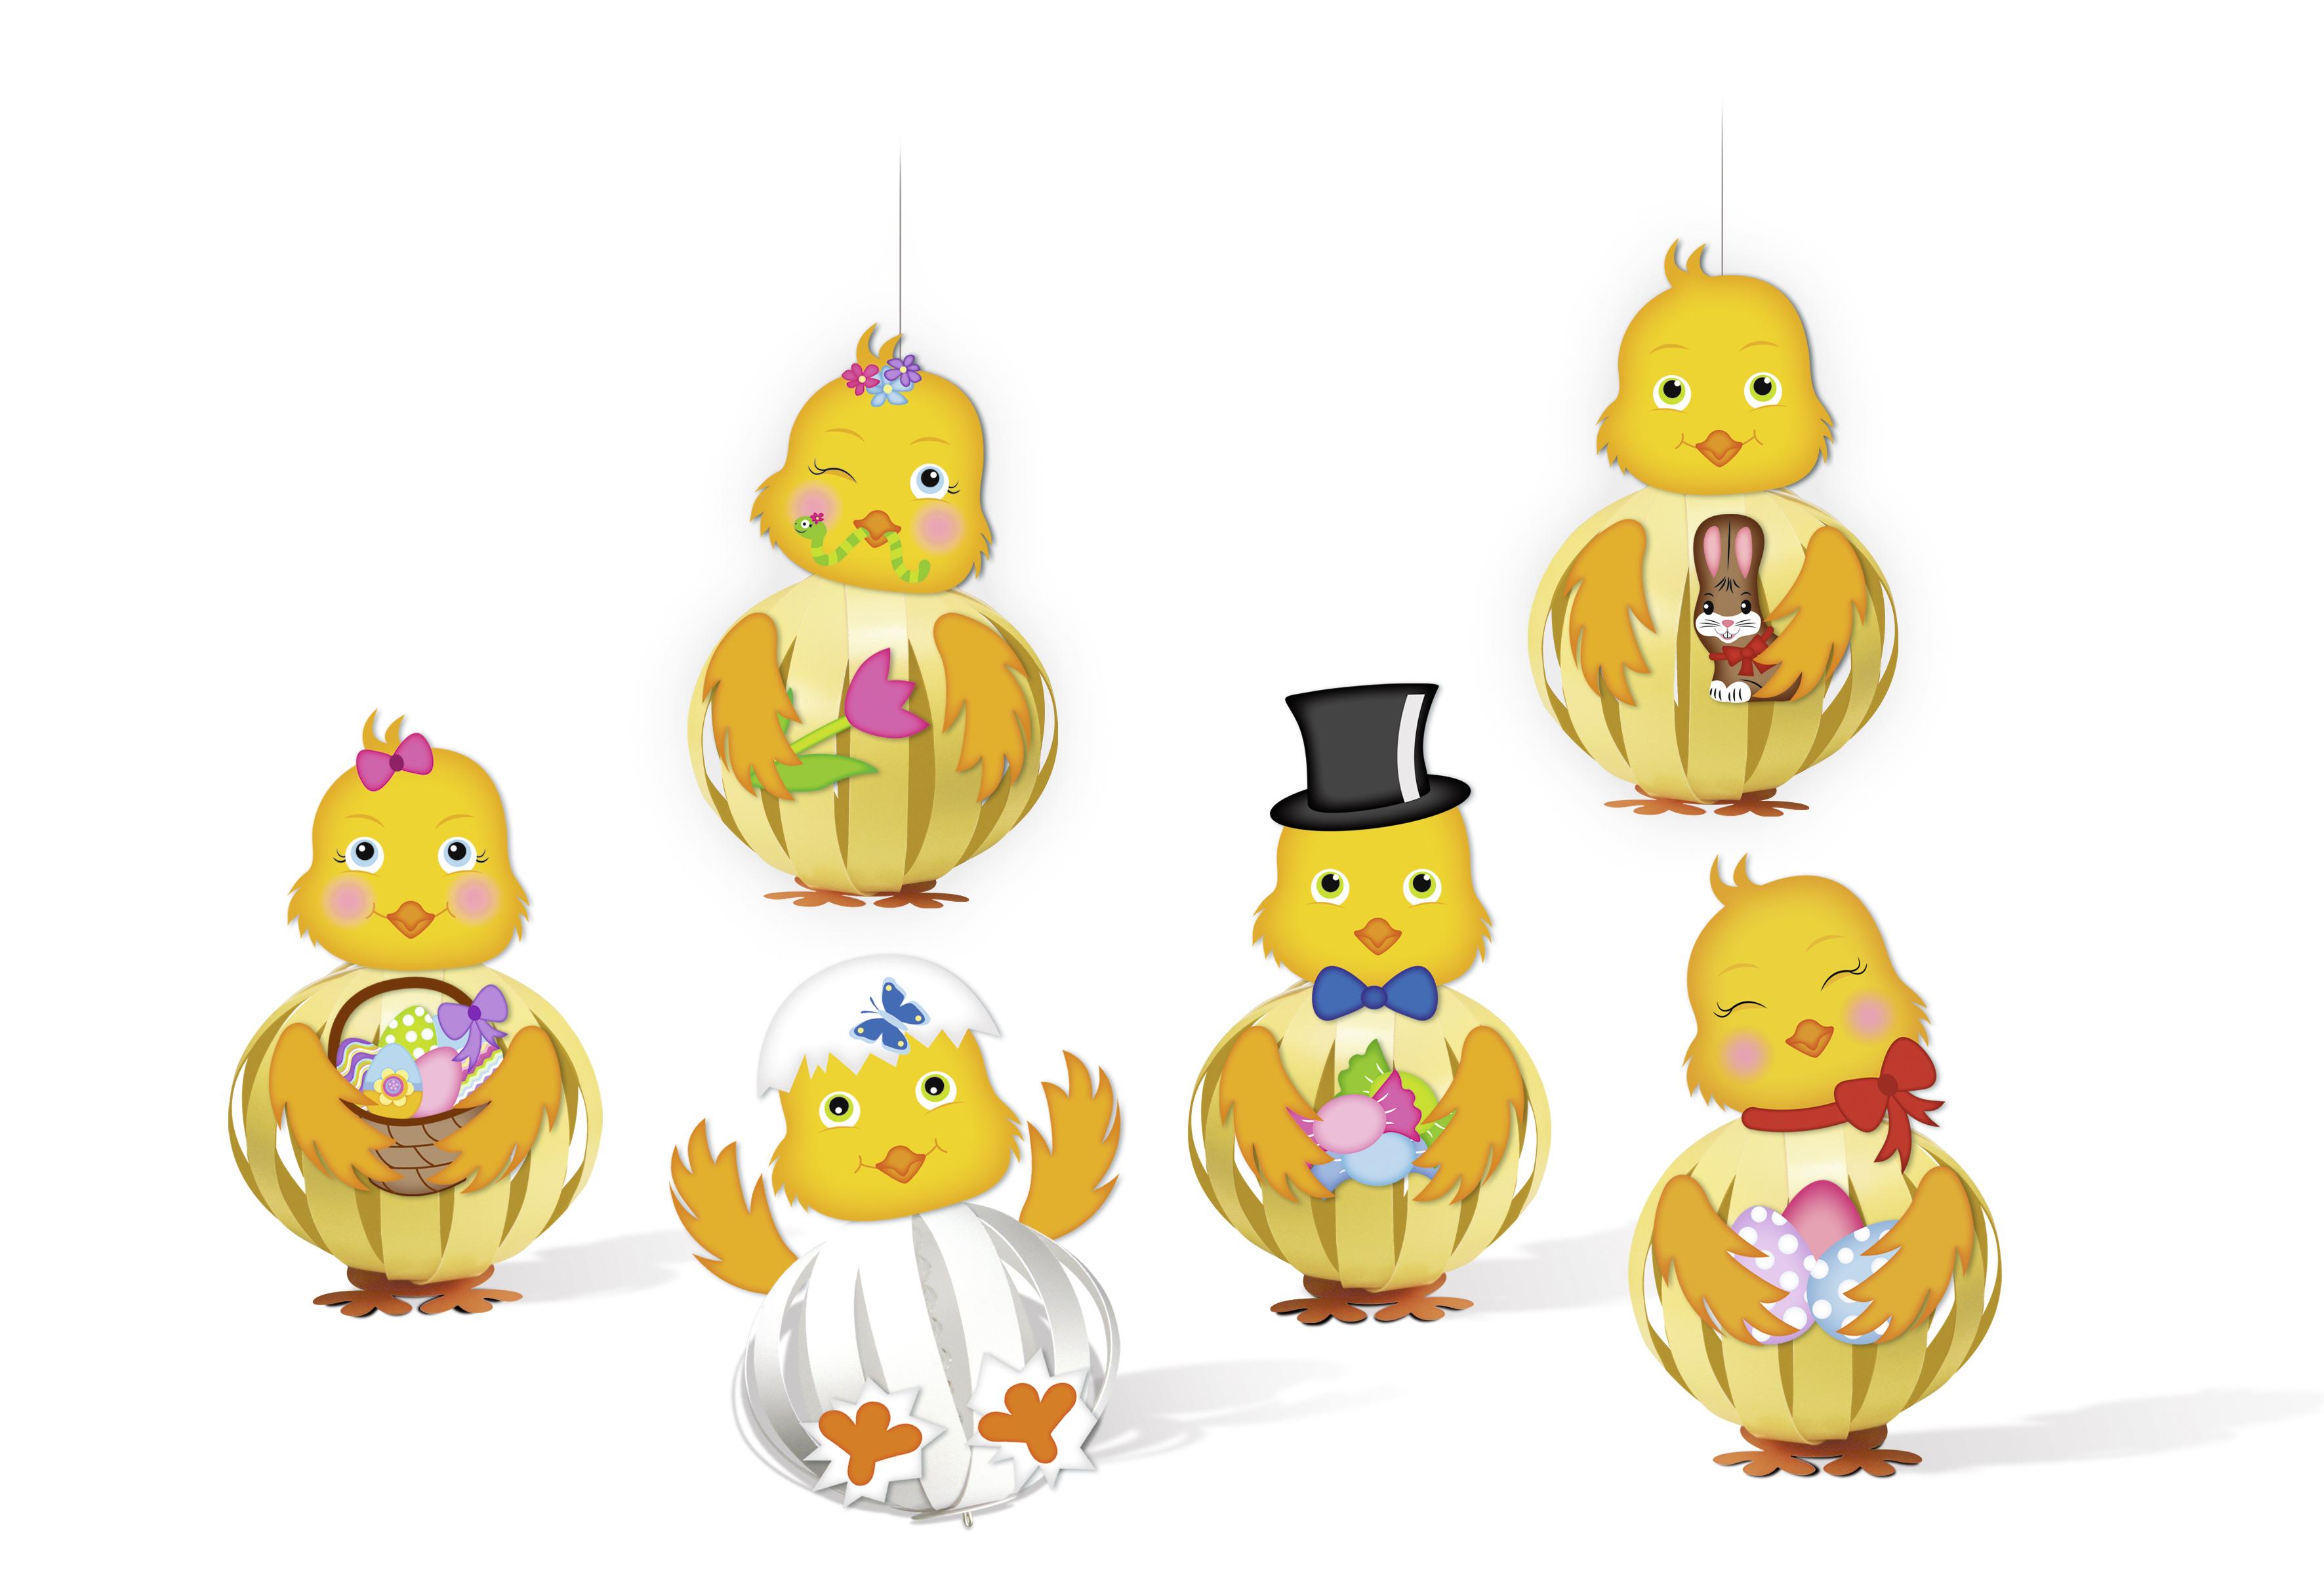 Set creativ - 12 puișori amuzanți din carton imagine edituradiana.ro